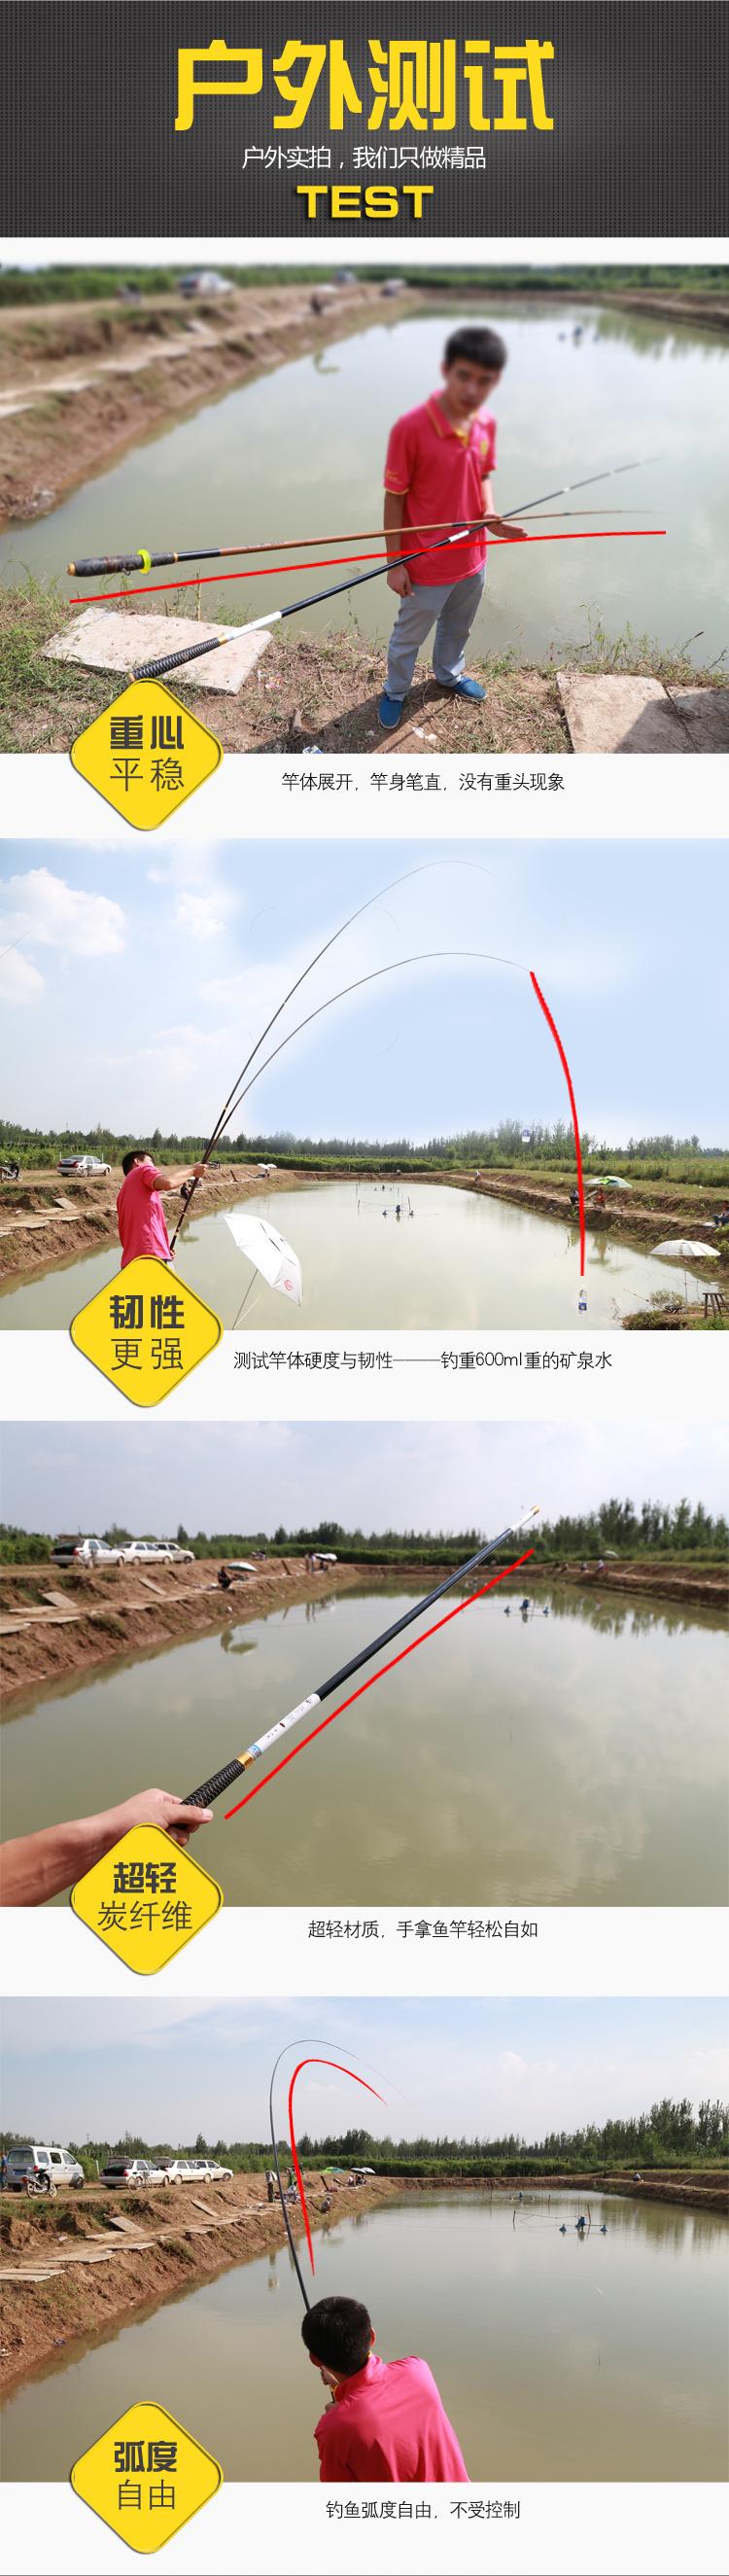 鱼竿结构示意图